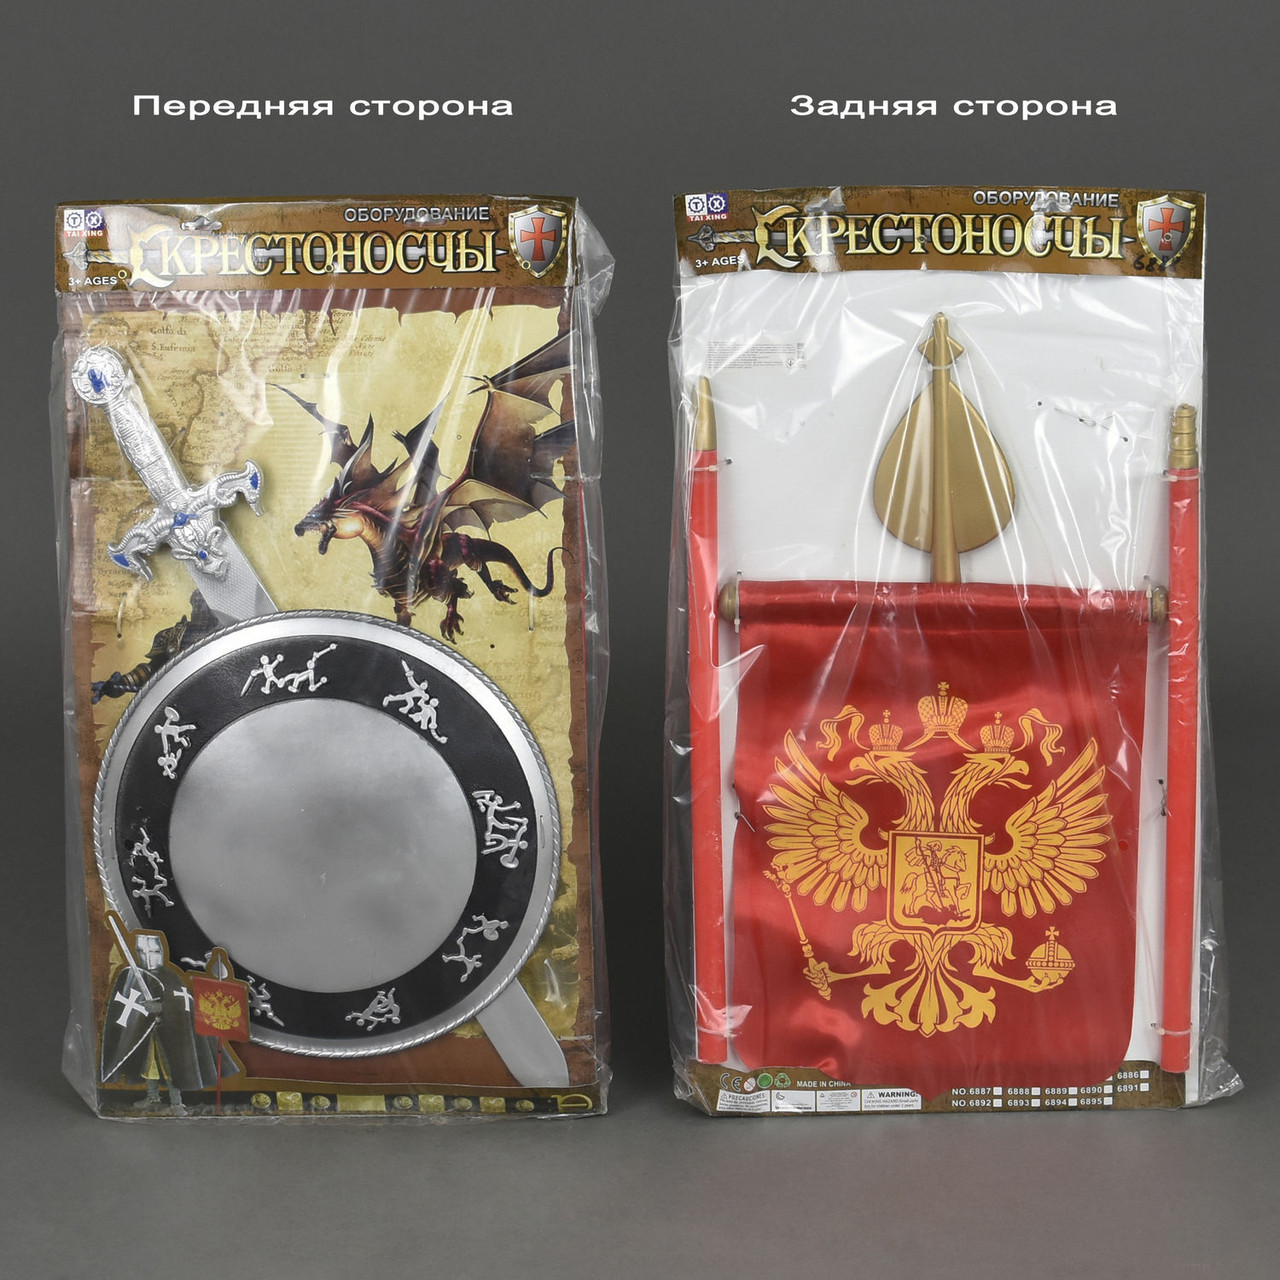 Детский игровой Набор рыцаря 6888/466-874 Щит Меч Знамя В кульке Гарантия качества Быстрая доставка